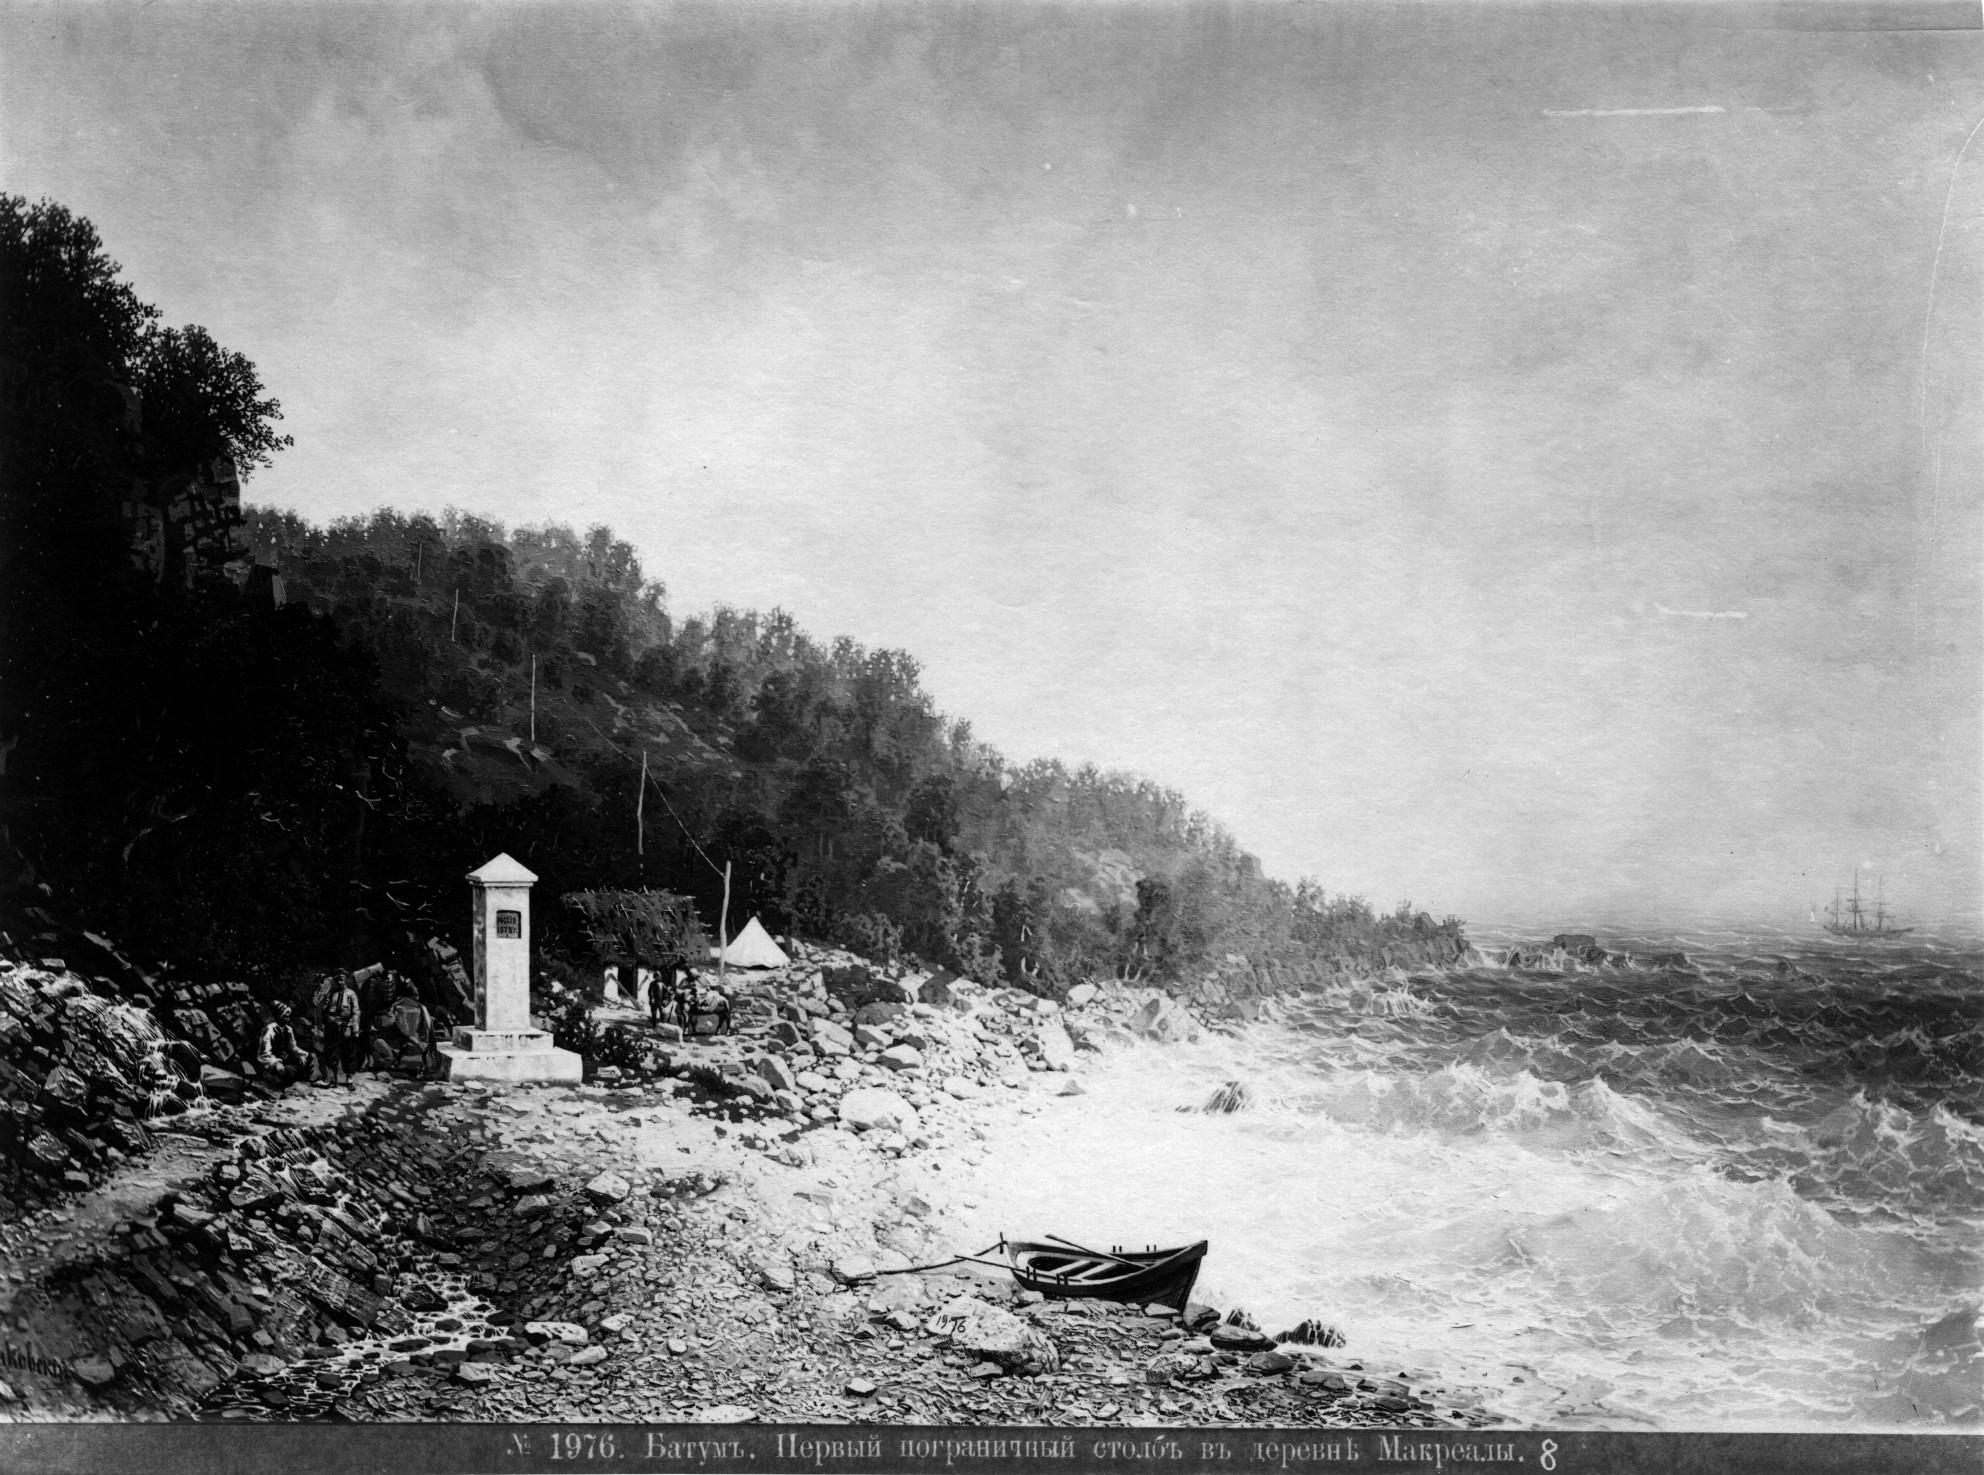 Первый пограничный столб в деревне Макреалы